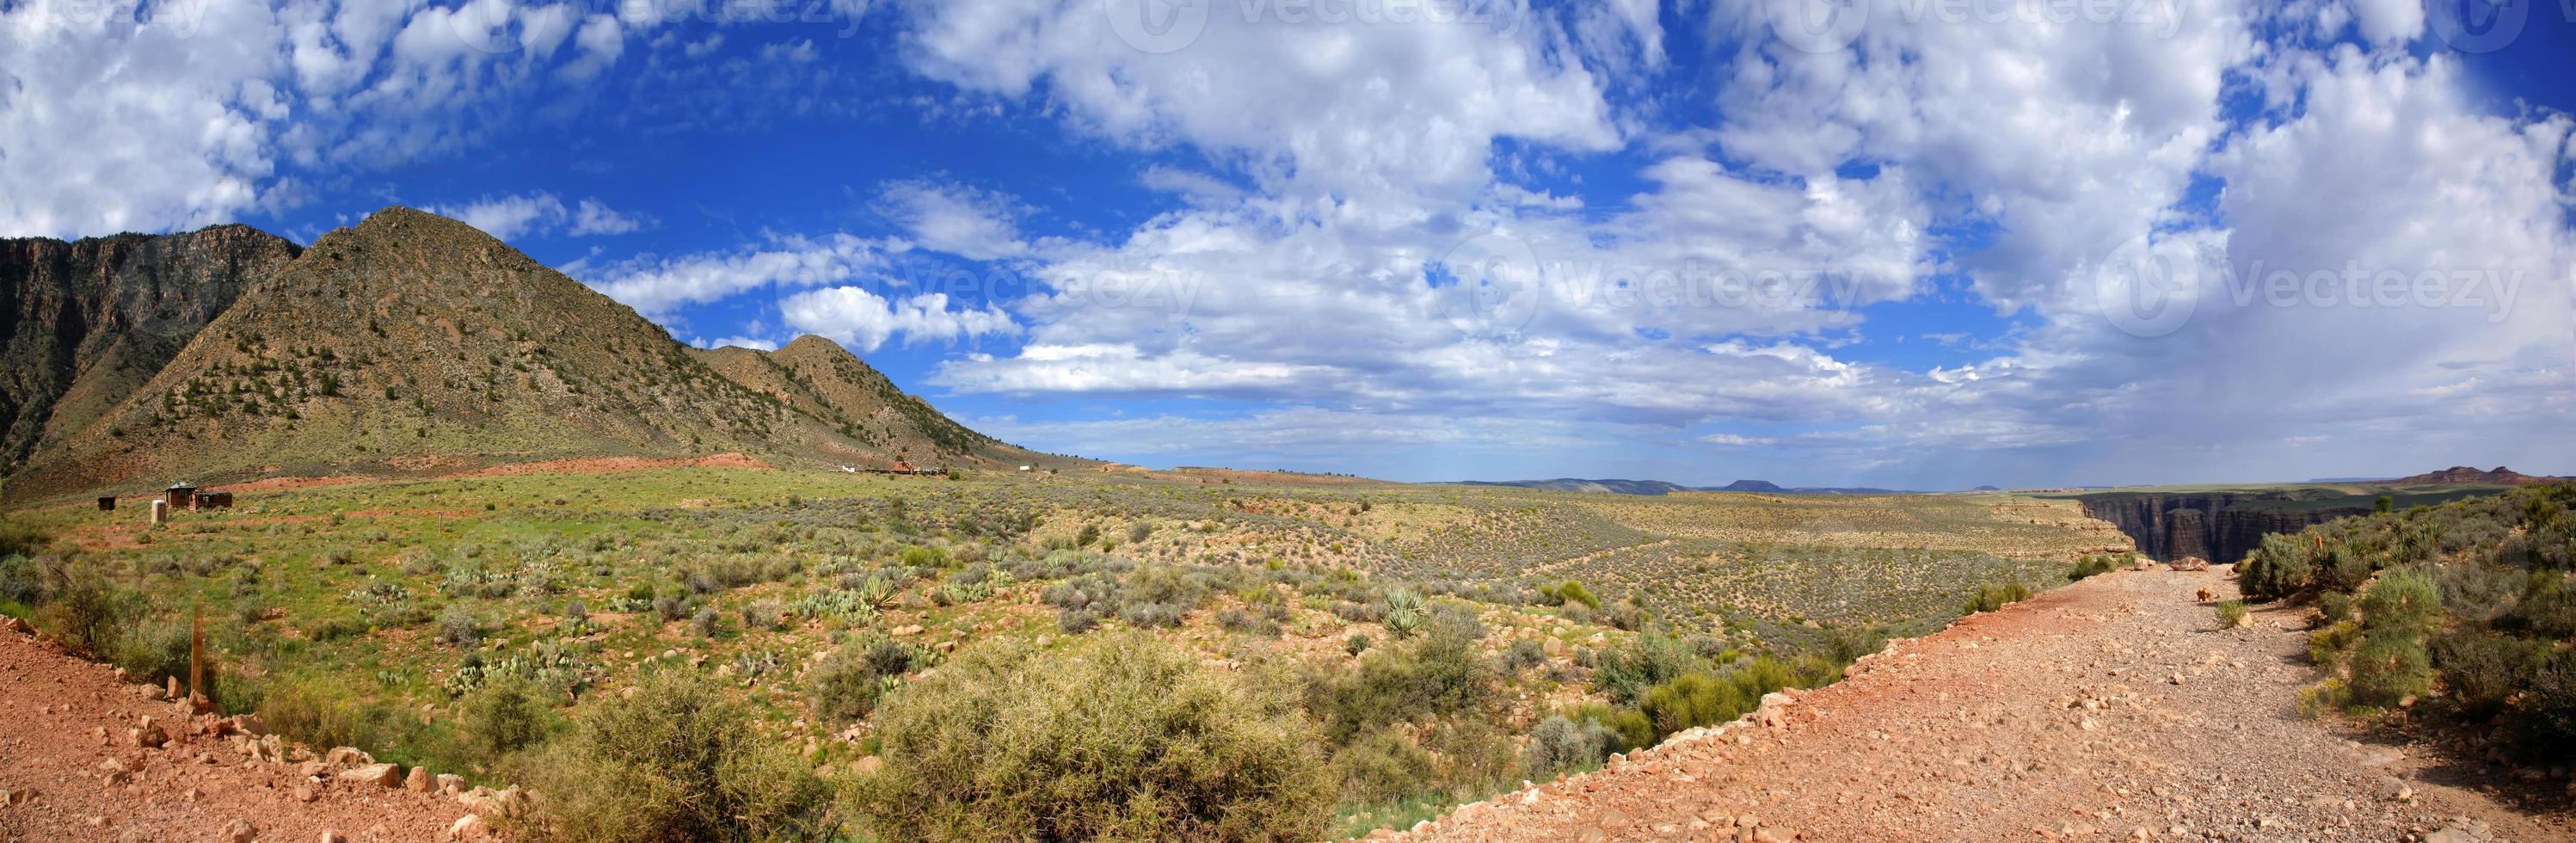 Arizona öken - usa foto